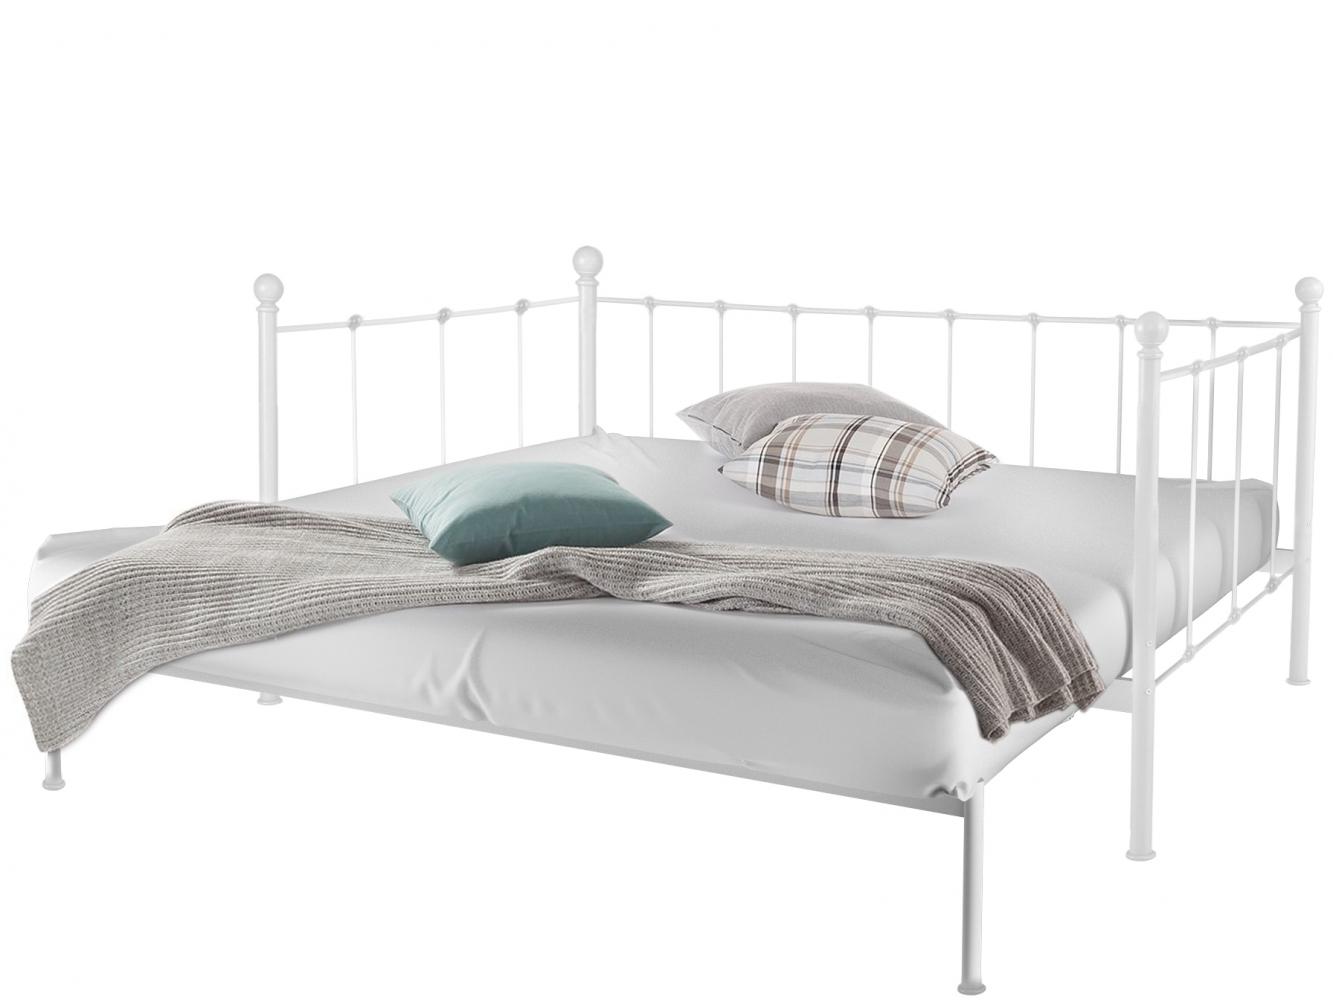 Rozkládací postel Markur, 90-180 cm, bílá